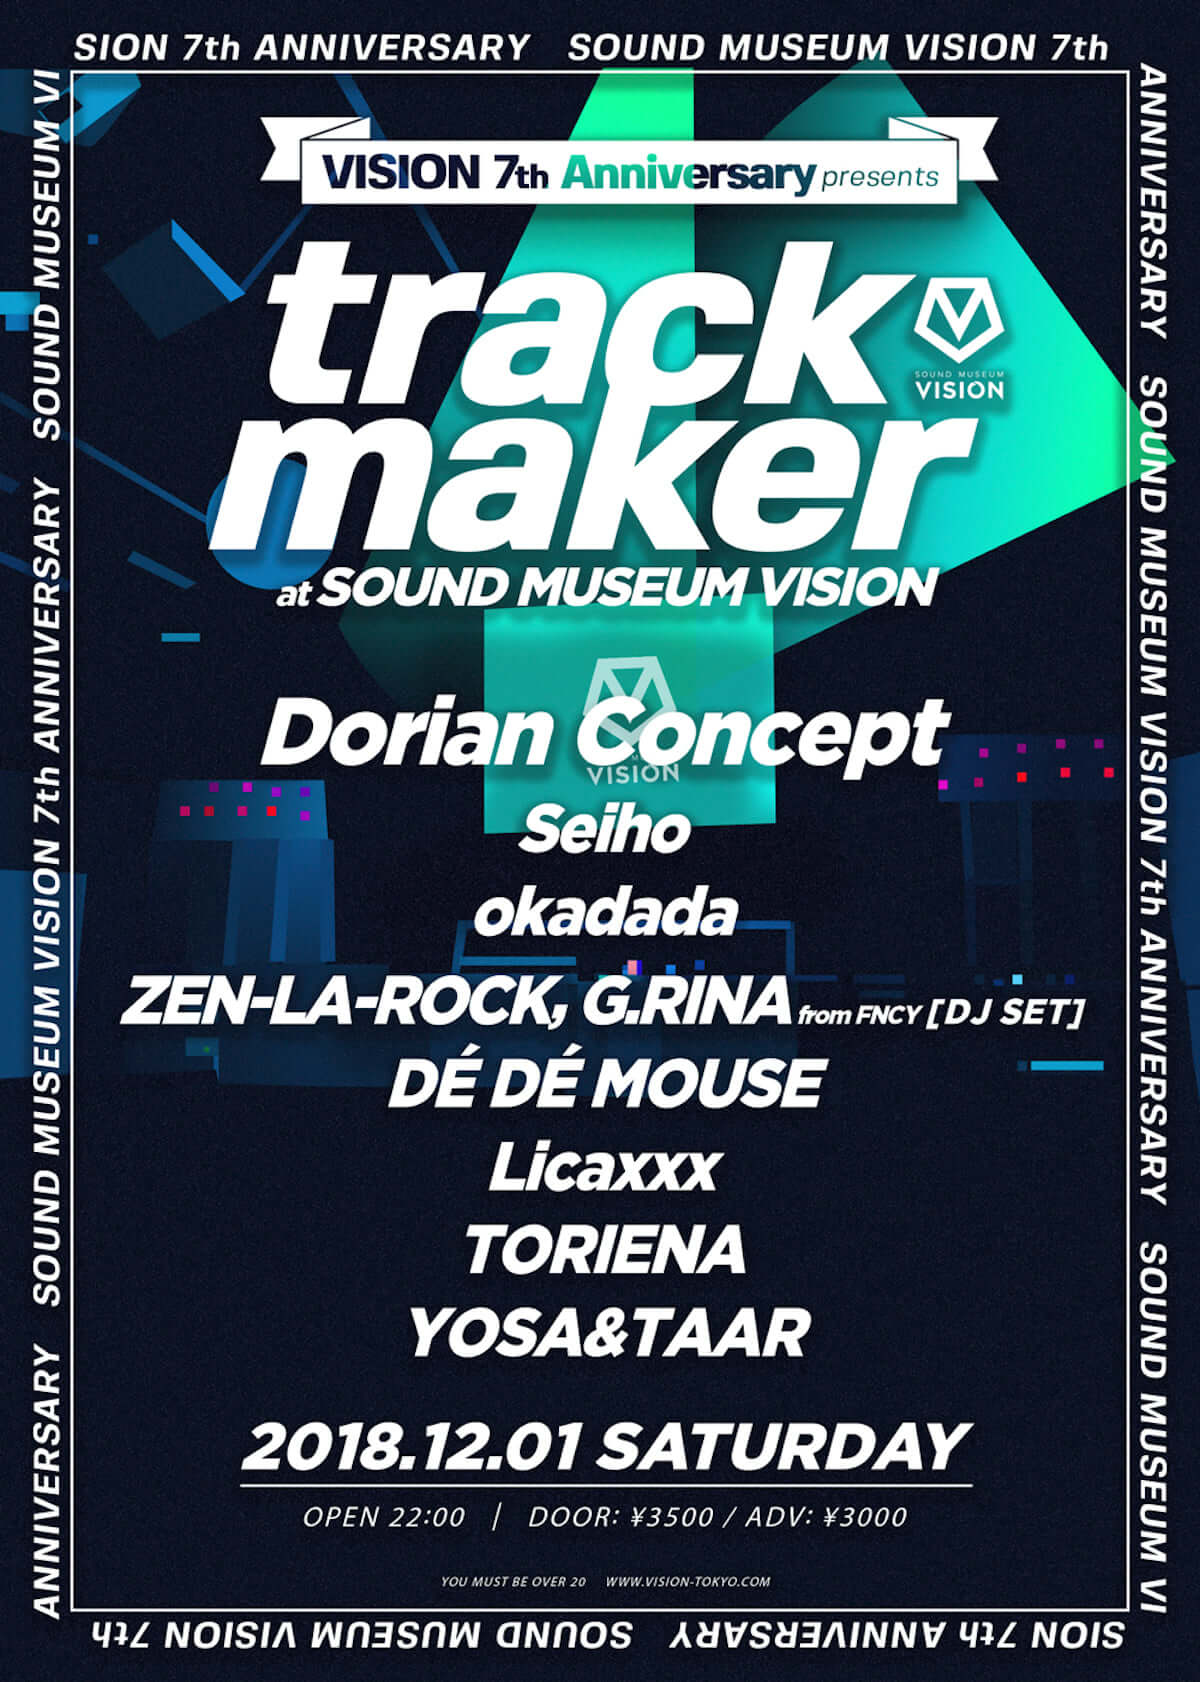 渋谷・VISIONの7周年イベントにエリカ・バドゥがDJセット、ドリアン・コンセプトらが登場! music181124-vision-7th-anniversary-3-1200x1682